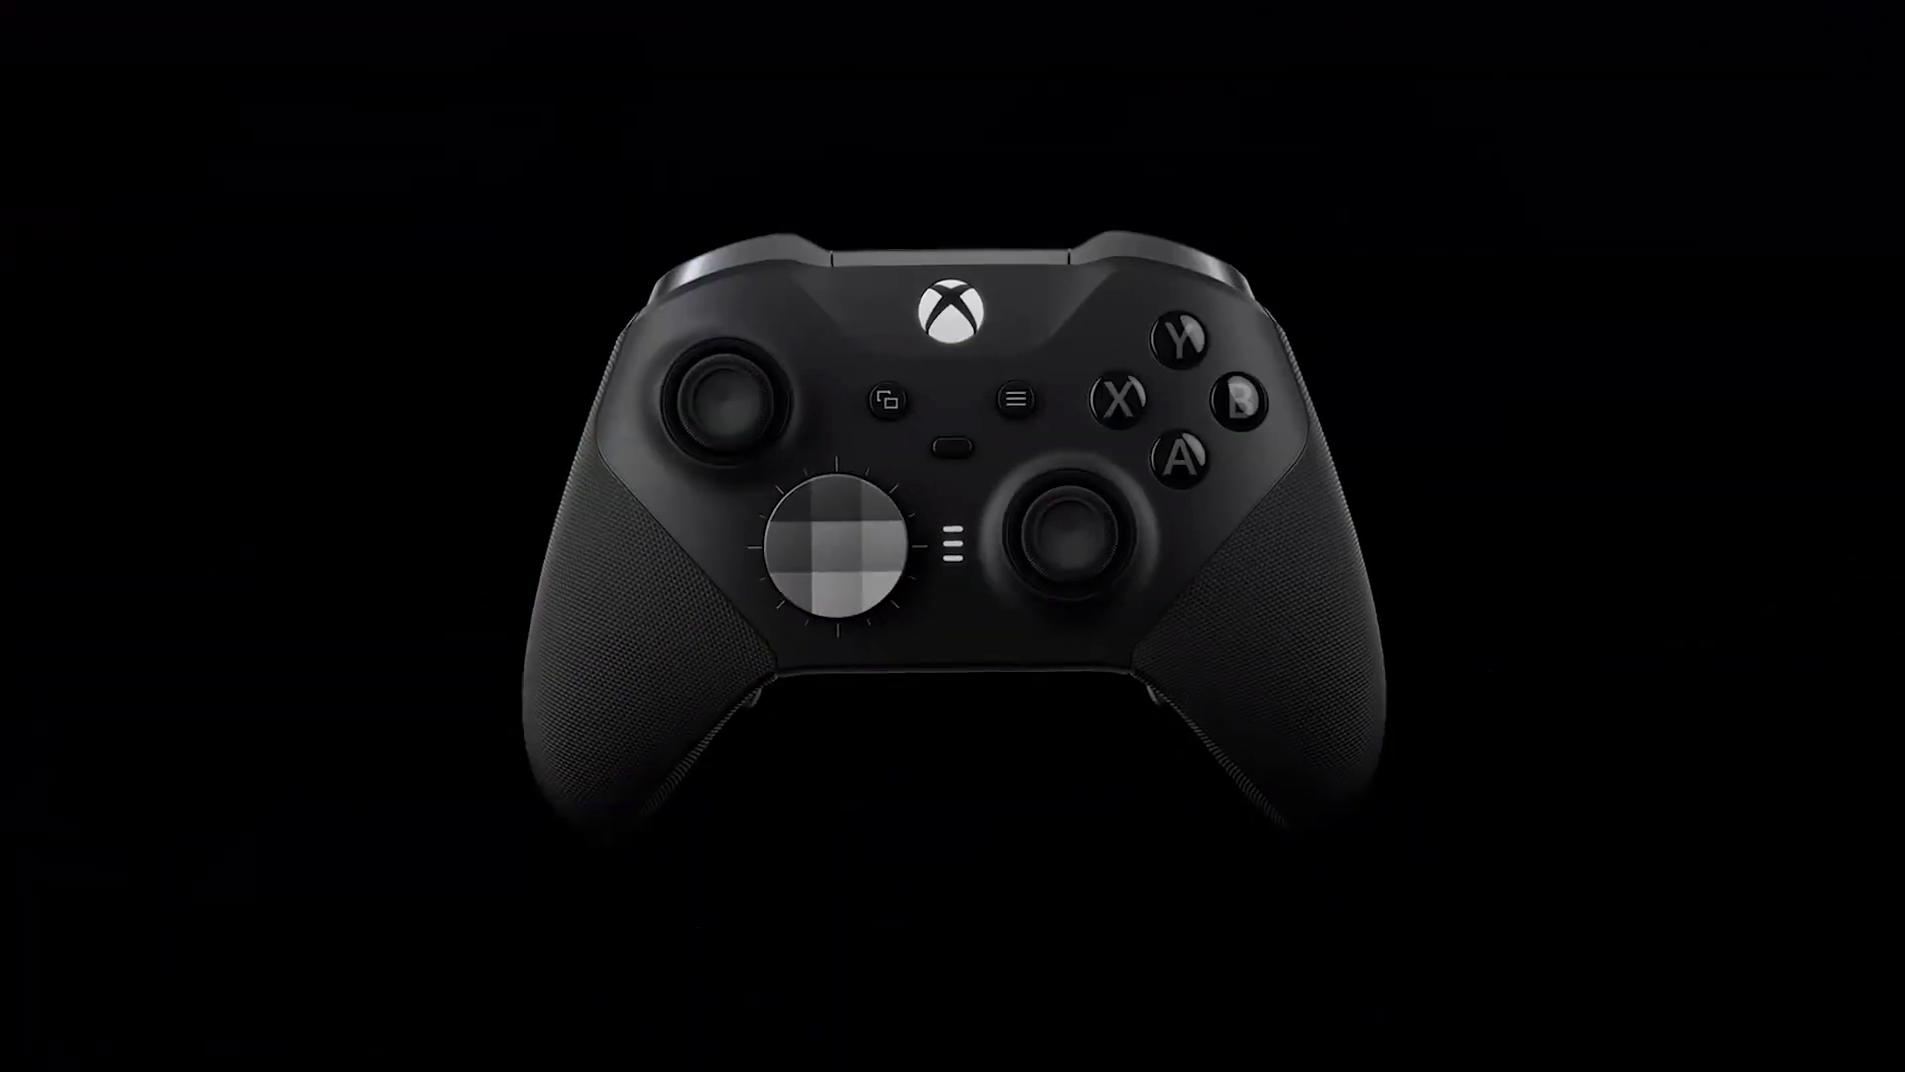 新一期 Inside Xbox 將在明天早上6點舉行,更多內容會陸續公開